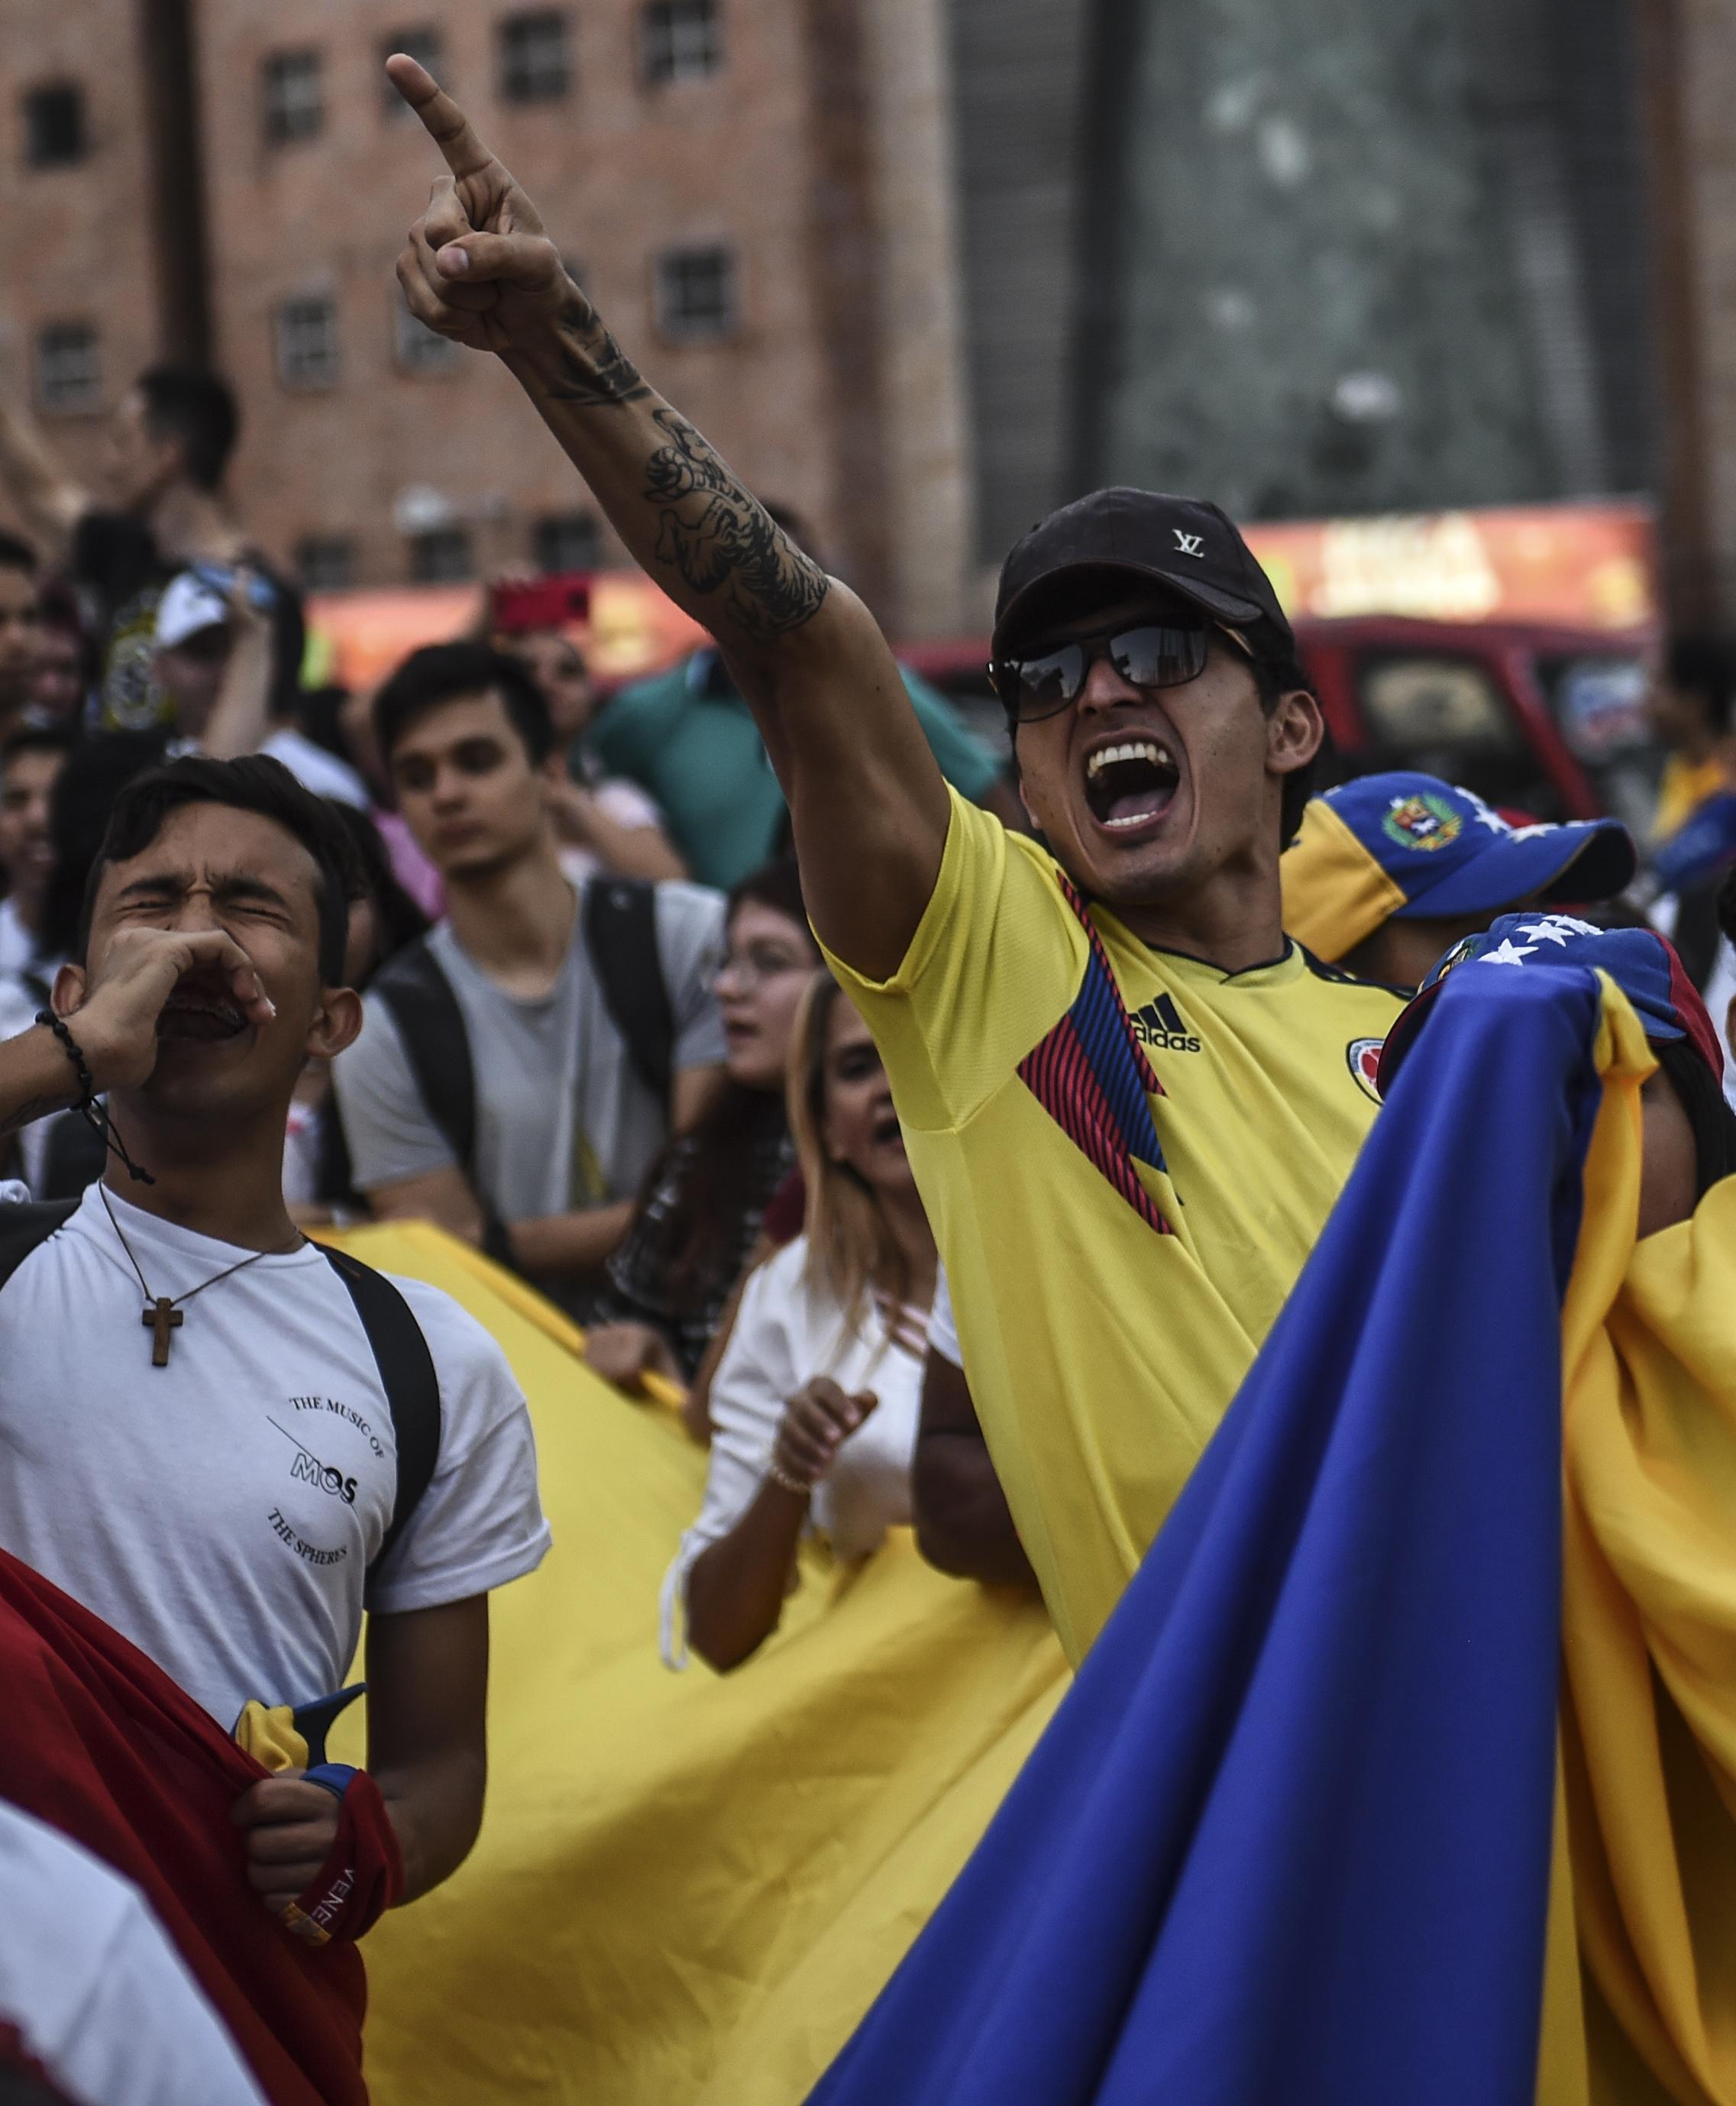 Medellin. (Photo by JOAQUIN SARMIENTO / AFP)